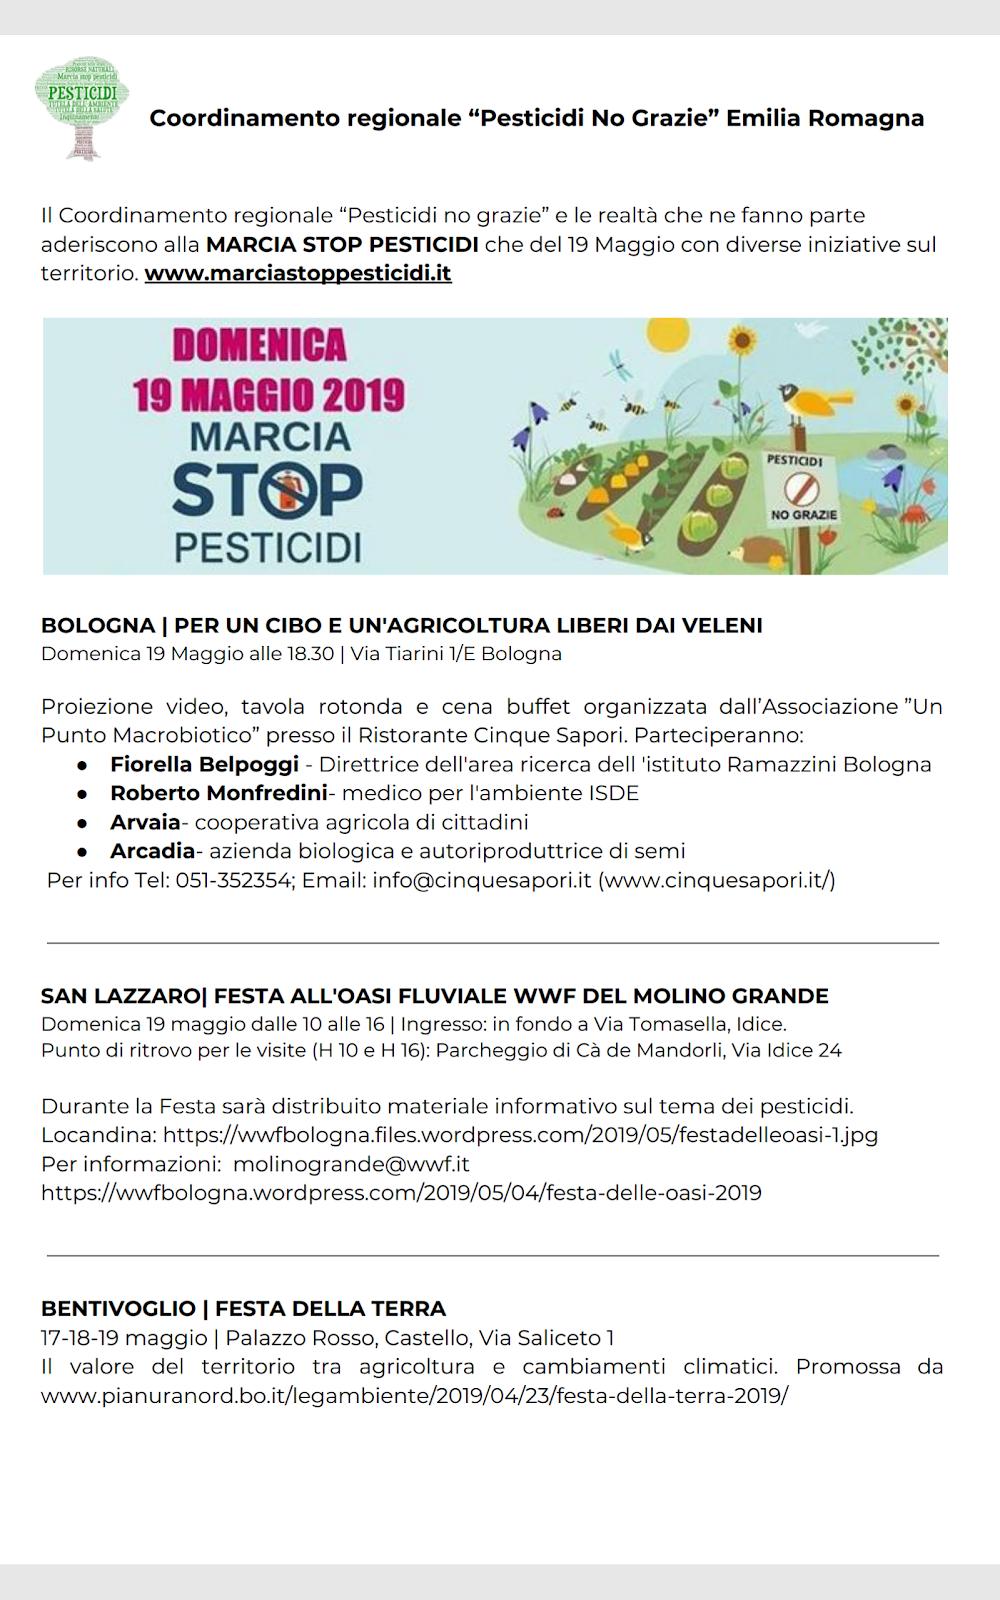 Bologna 19 maggio